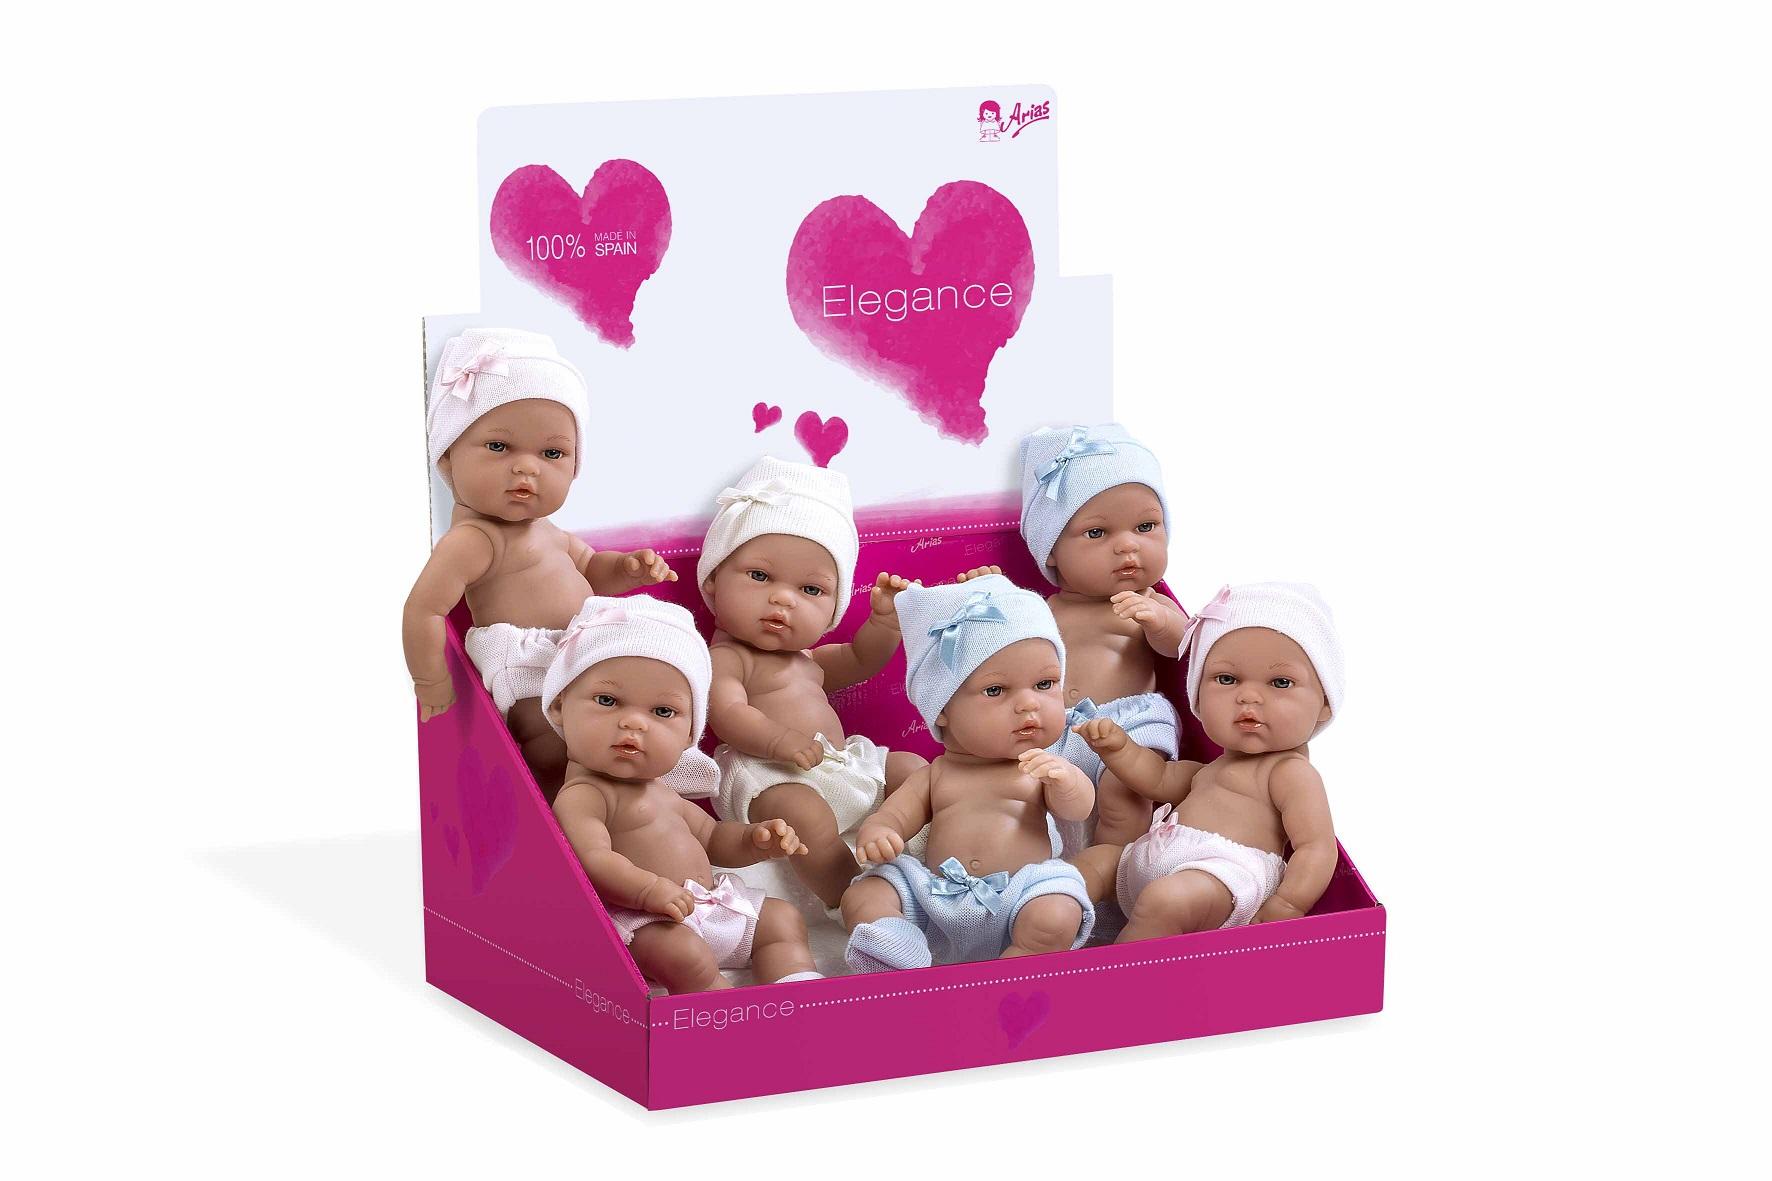 Купить Кукла из серии Arias Elegance, виниловая, в шапочке с бантиком, 33 см., 6 видов